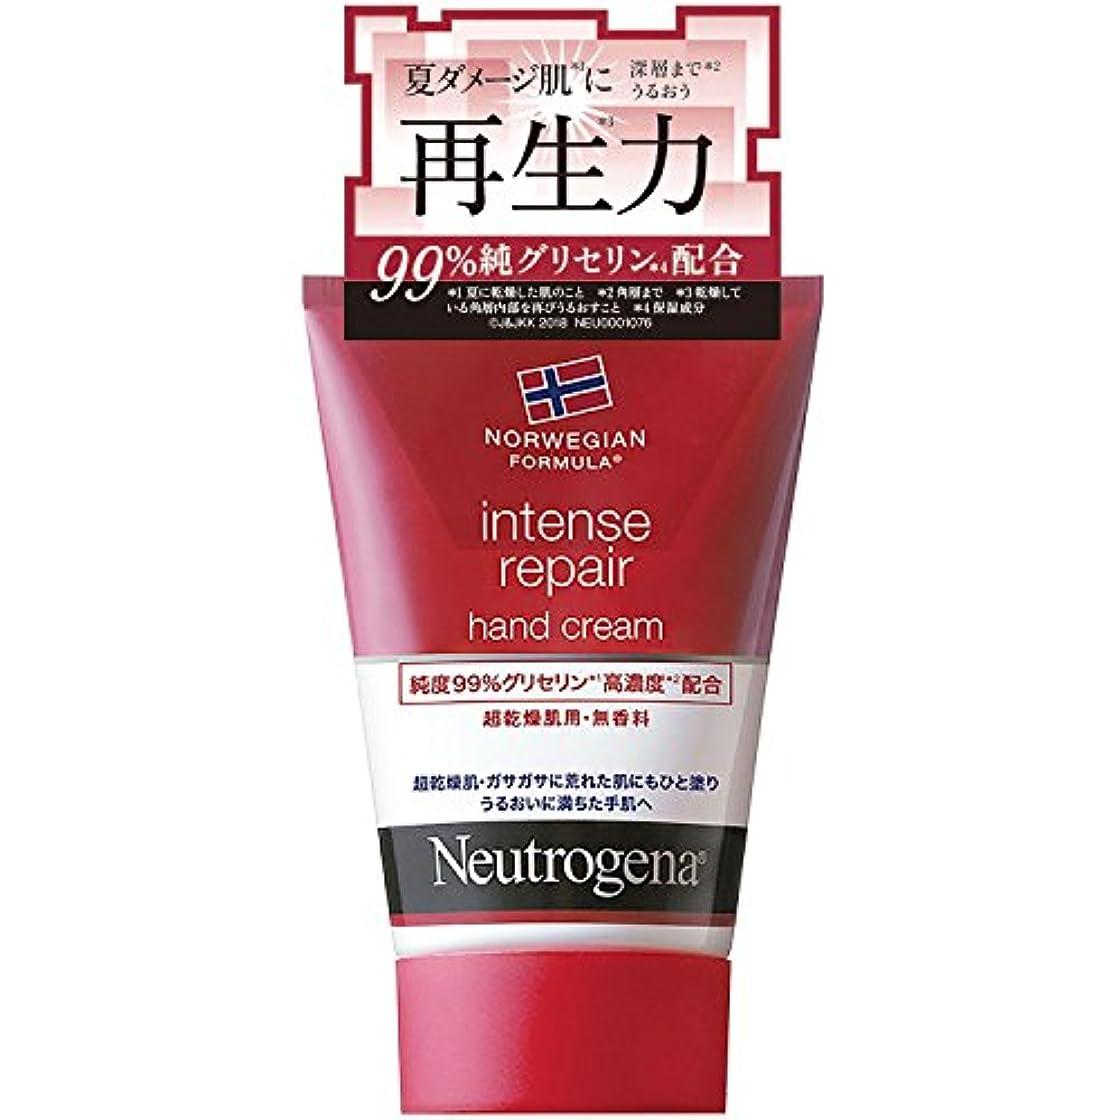 遺棄されたシリンダー確立しますNeutrogena(ニュートロジーナ) ノルウェーフォーミュラ インテンスリペア ハンドクリーム 超乾燥肌用 無香料 単品 50g